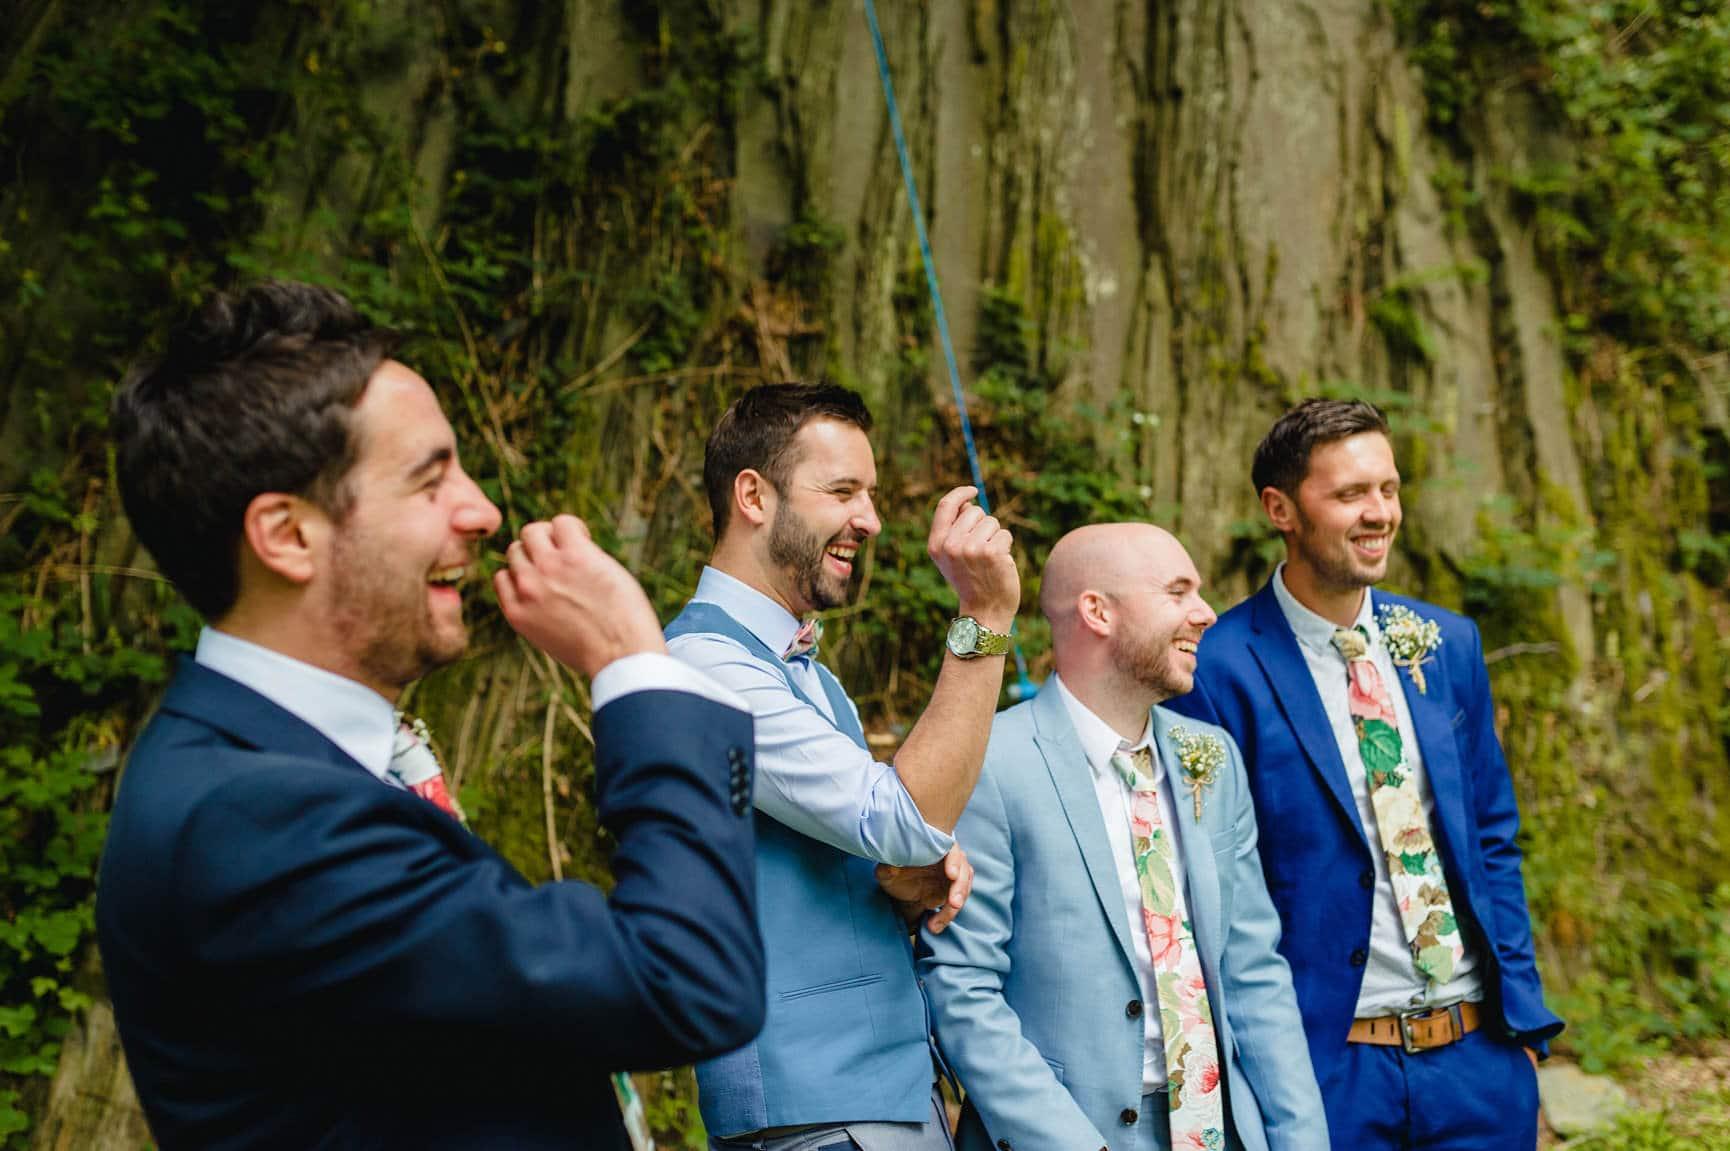 Fforest Wedding, Cardigan, Wales - Lauren and Gareth 155